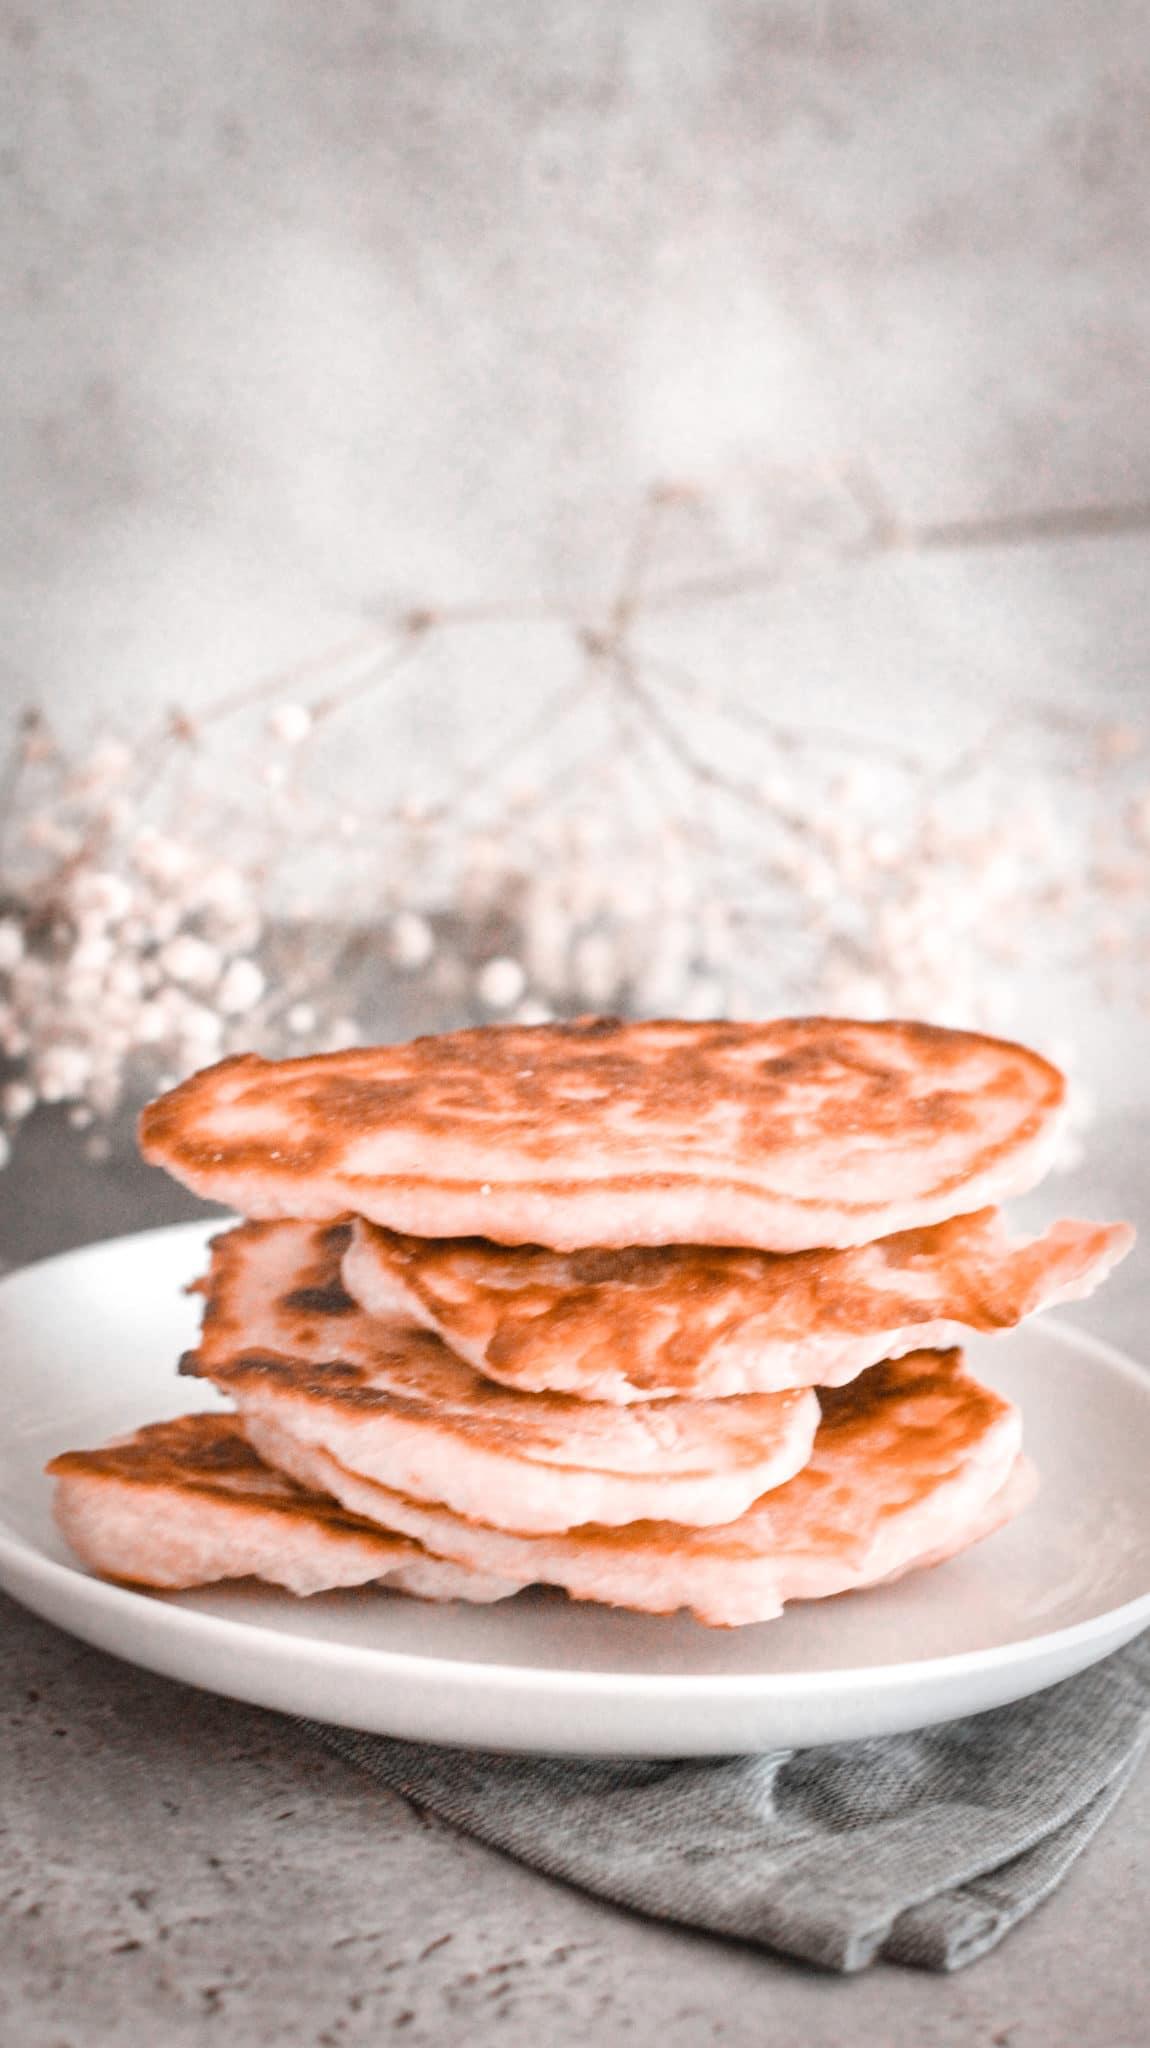 Une recette facile de pain indien ou naan. Dans les ingrédients j'ai mis de la farine et du yaourt.